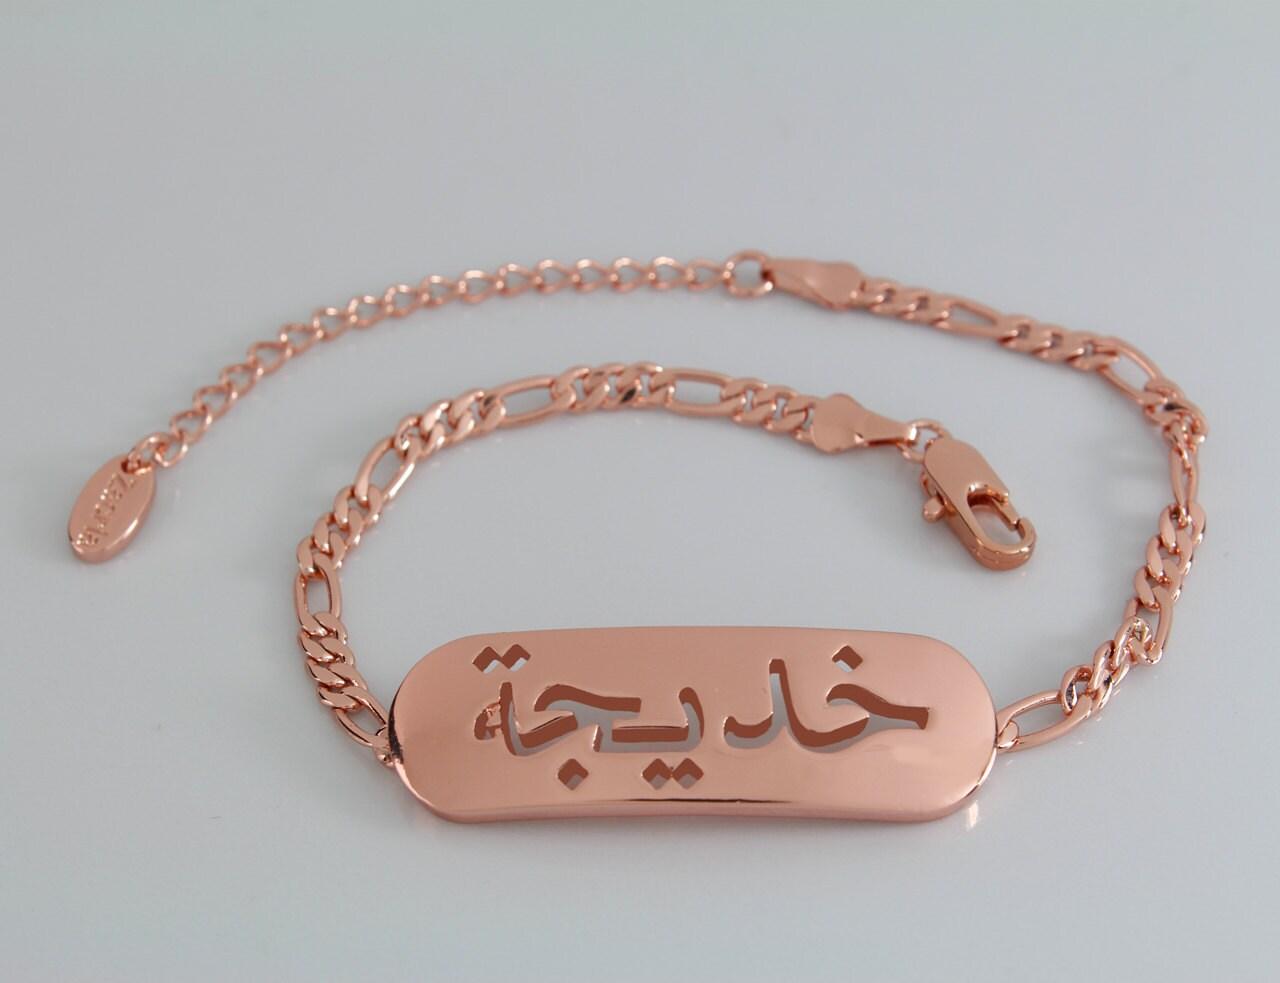 Arabic Name Bracelet Khadja 18k Rose Gold Plated